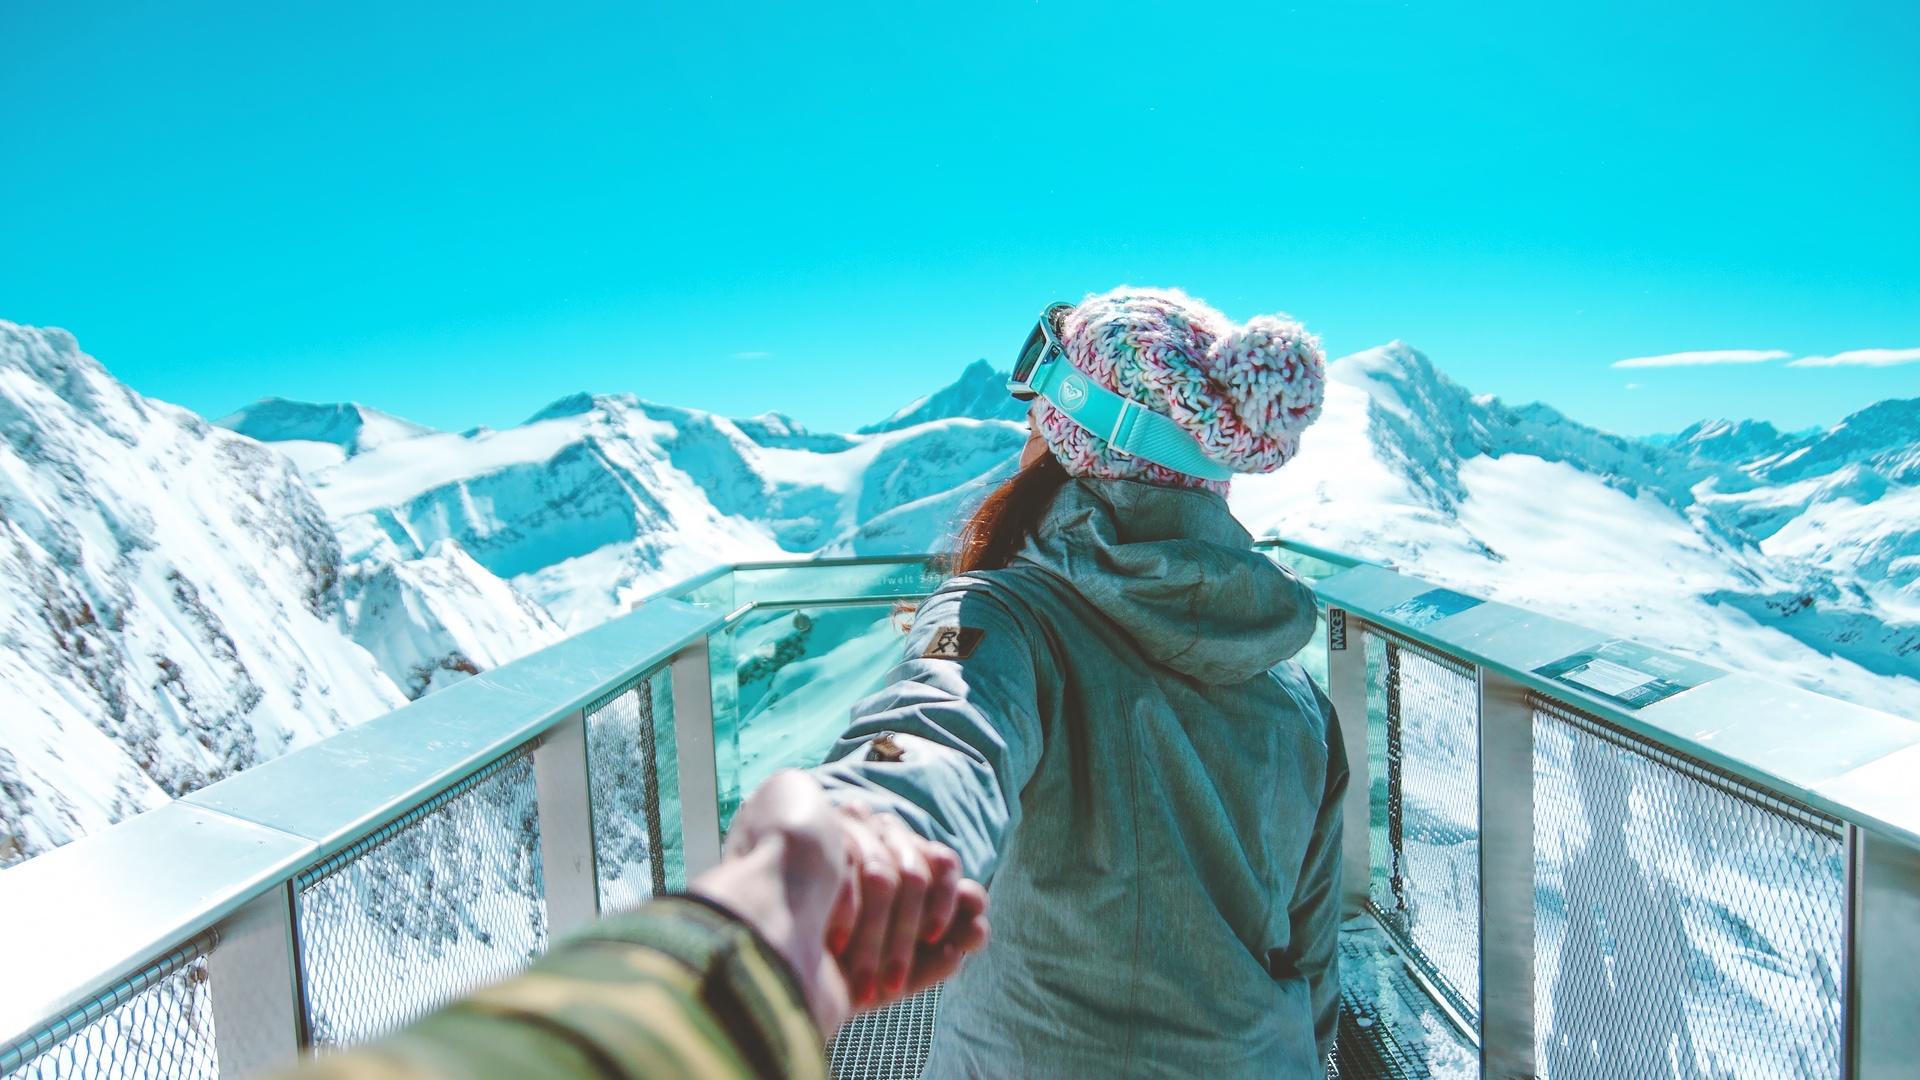 сияние как фотографировать горы зимой другое приложение